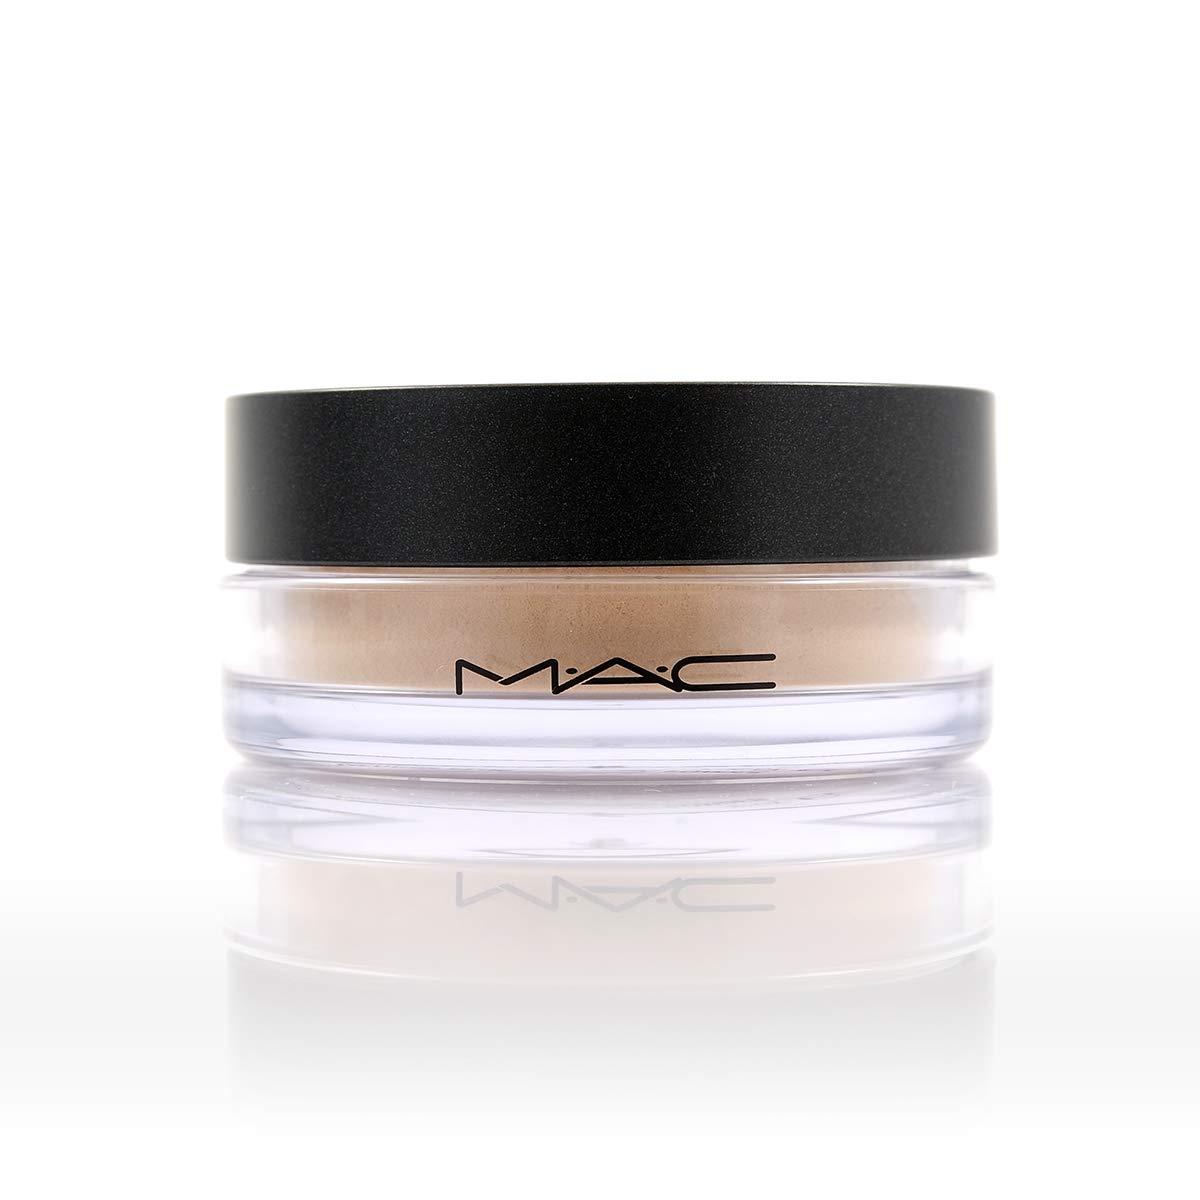 MAC 'Studio Fix' Perfecting Powder - Medium Plus